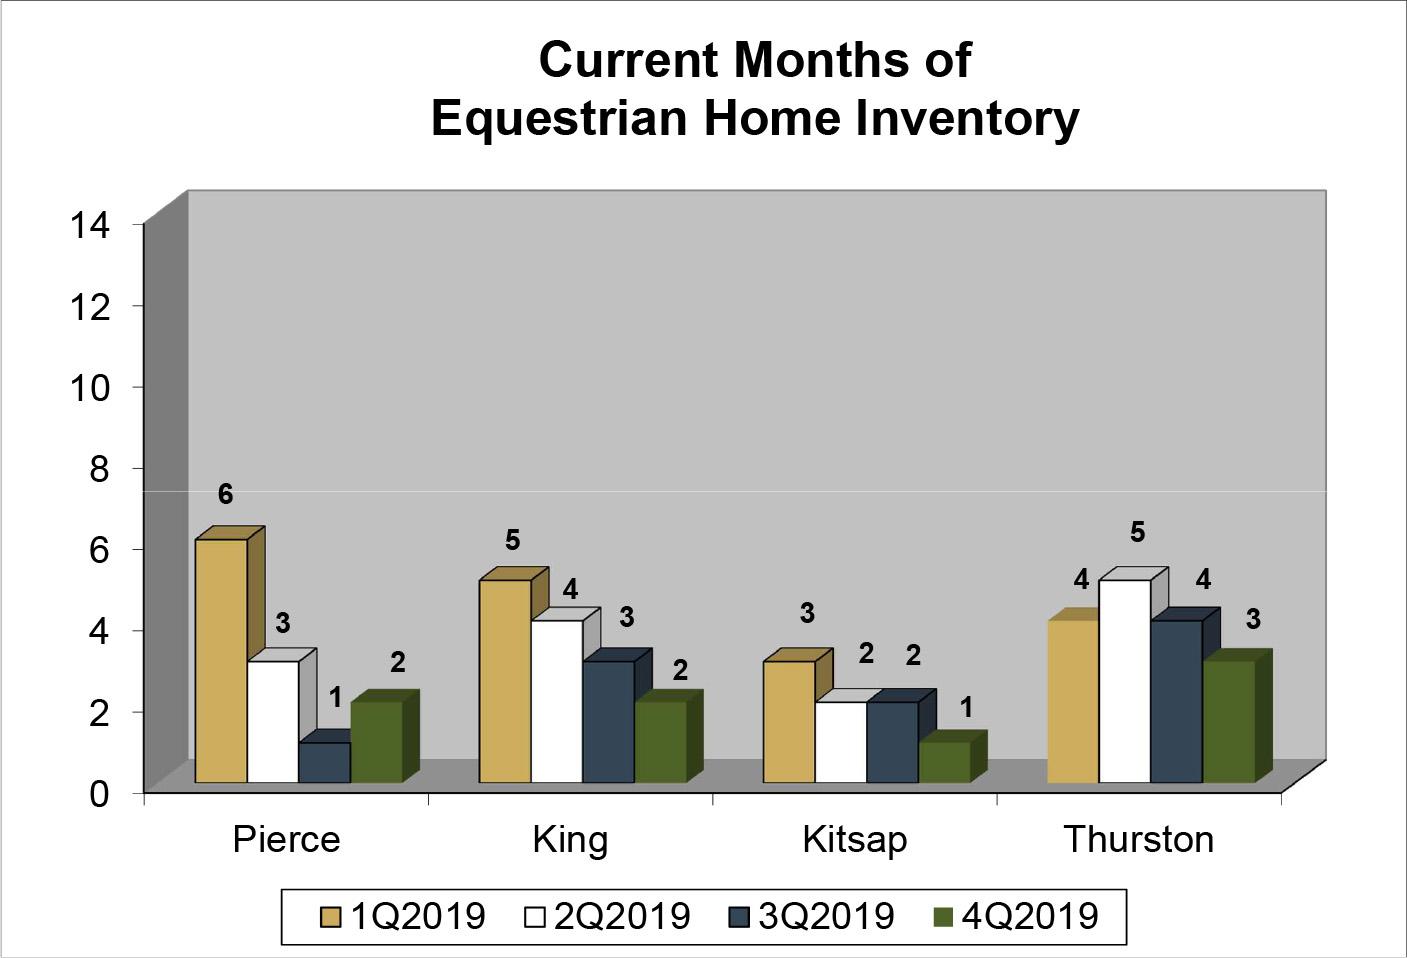 Q4 2019 Inventory